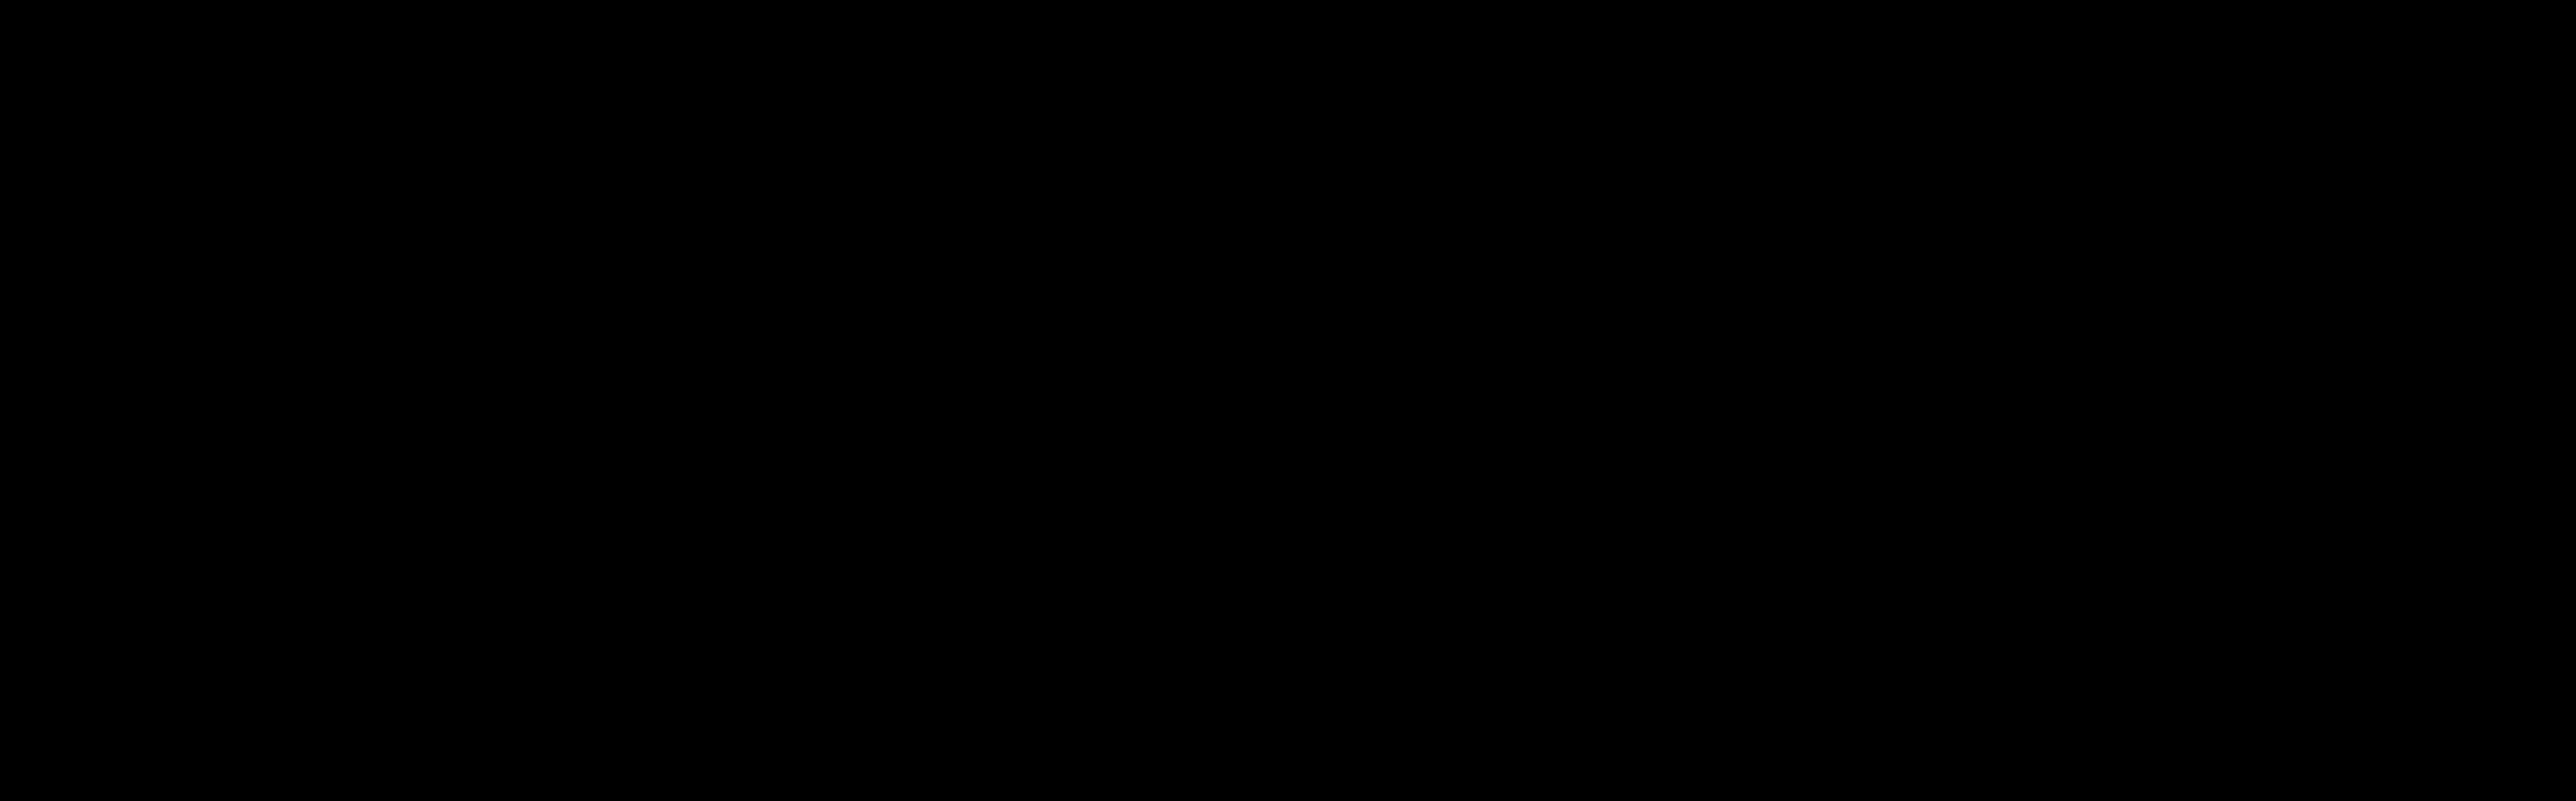 Firewall-System – Glossar Cyber-Sicherheit – Prof. Norbert Pohlmann